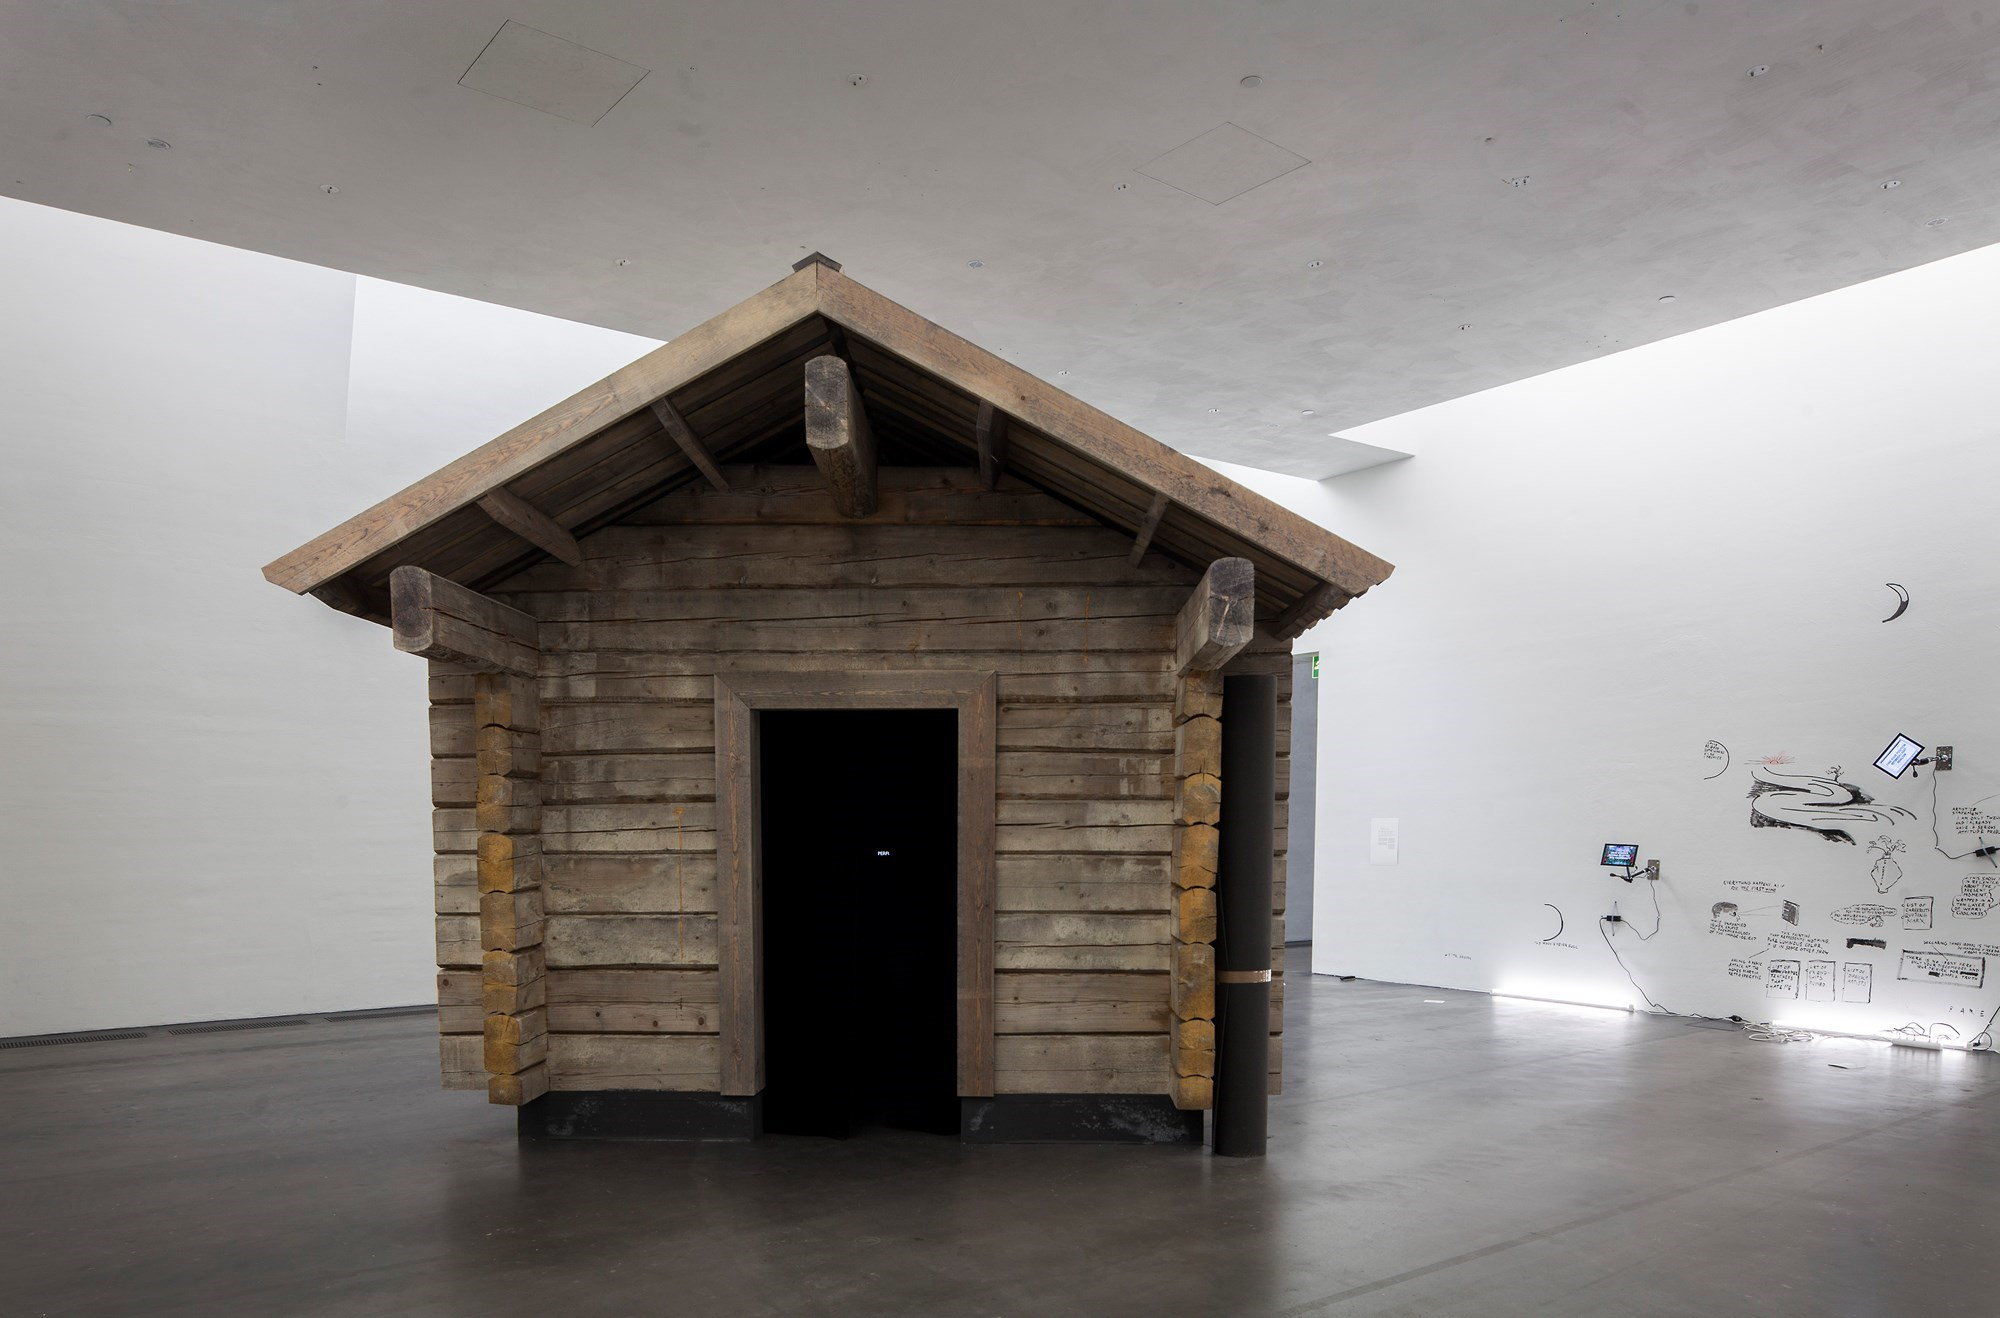 Shia Labeouf, AloneTogether, 2017. La capanna montata in una sala del Kiasma Museum